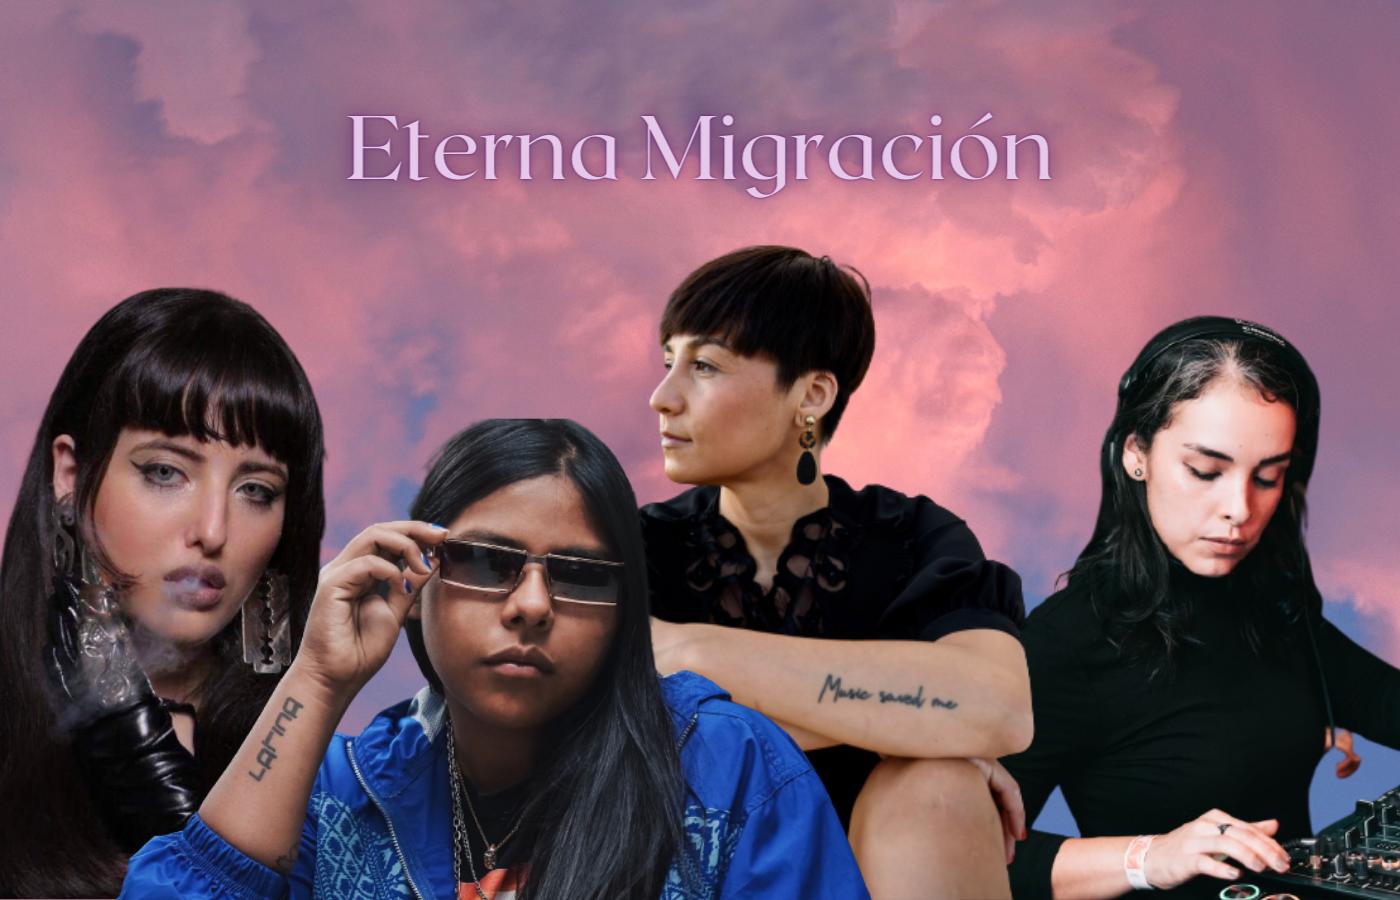 Eterna Migración